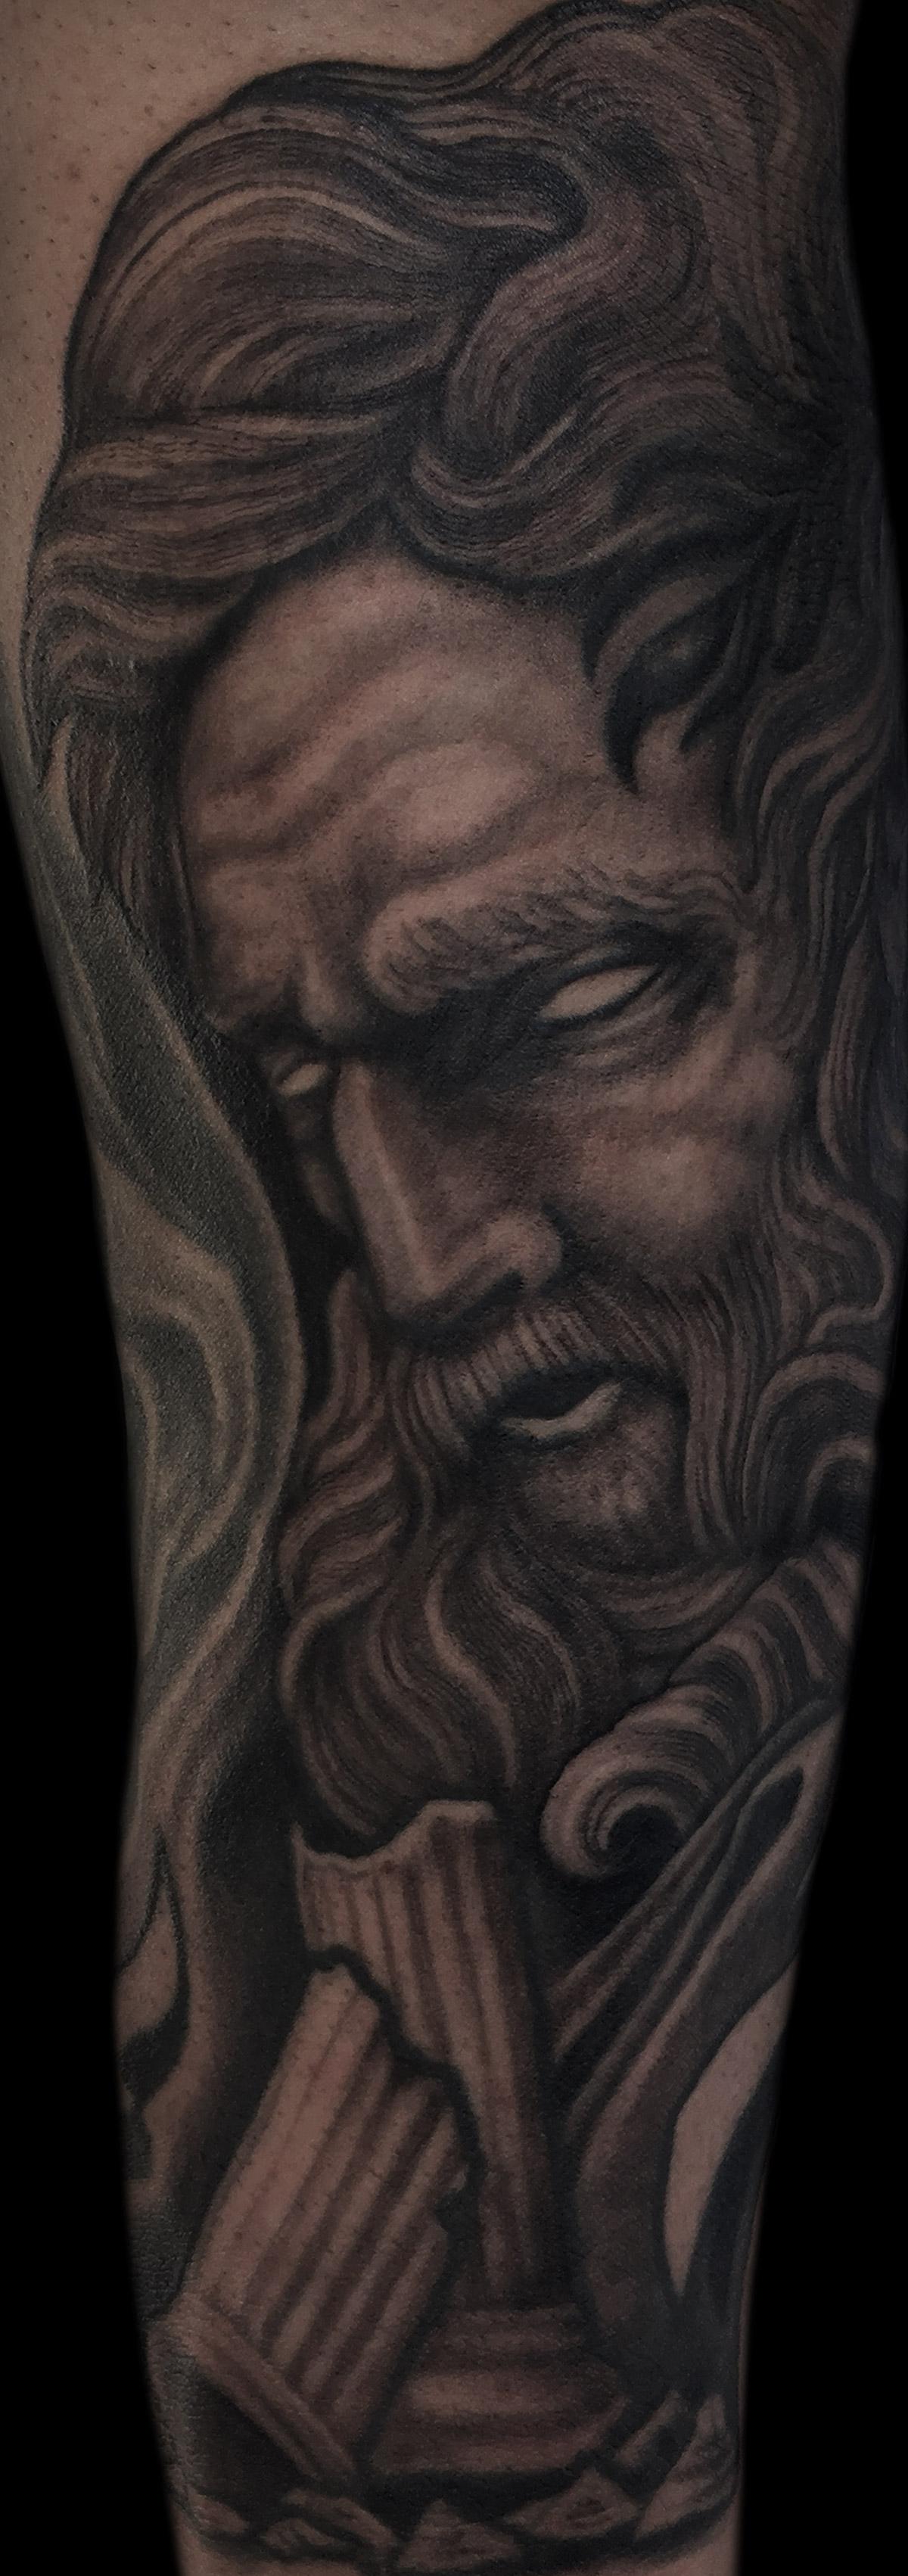 brett-herman-tattoo-020.jpg